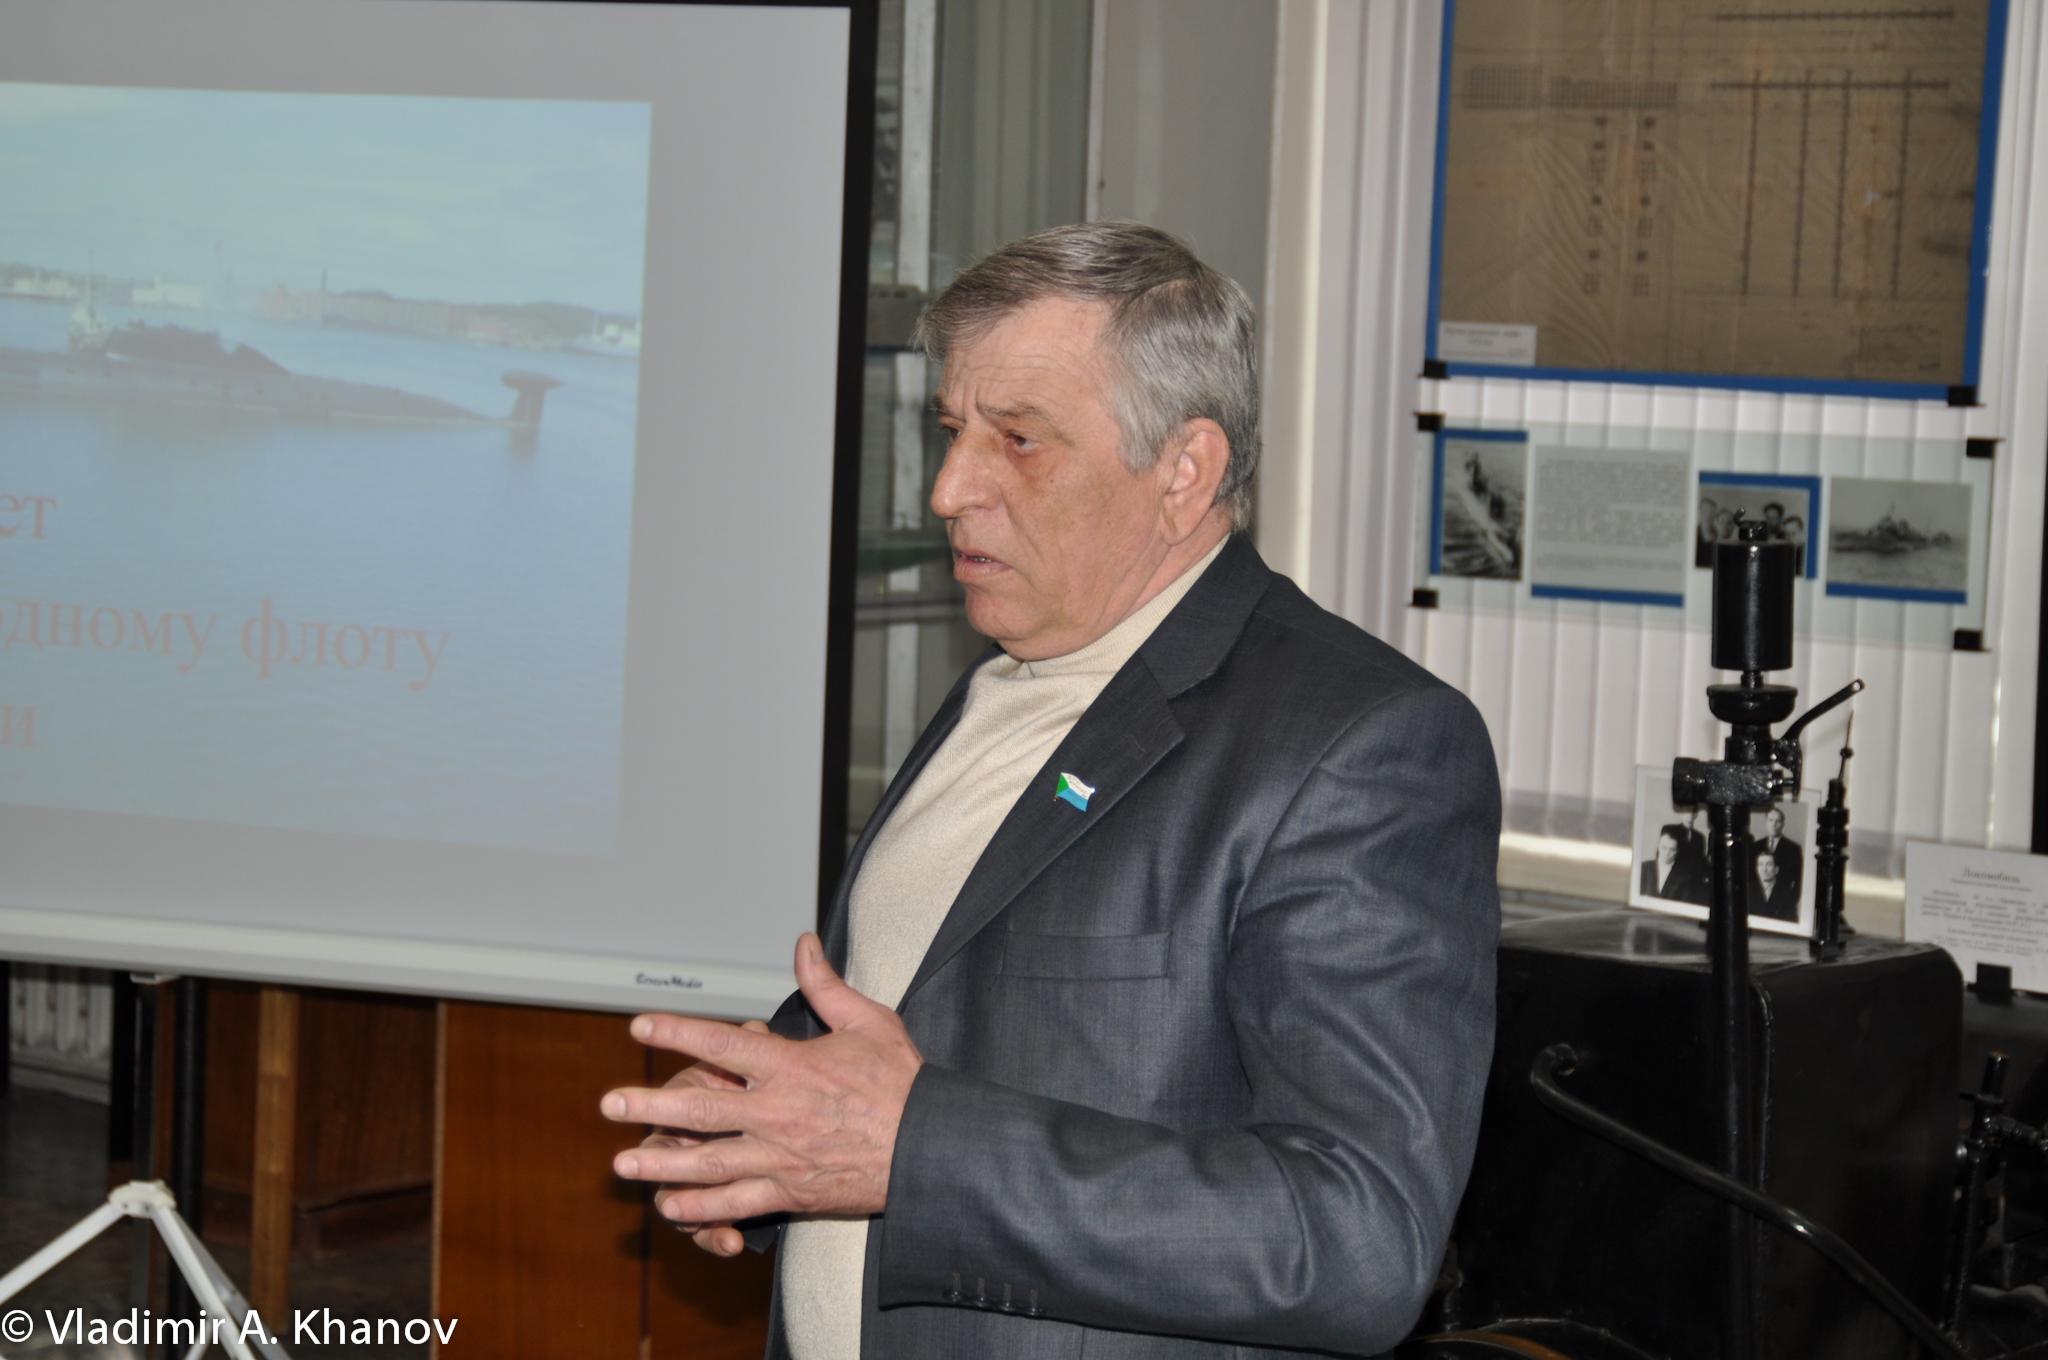 Депутат Законодательной Думы Хабаровского края Н. Г. Повзык выступает перед собравшимися